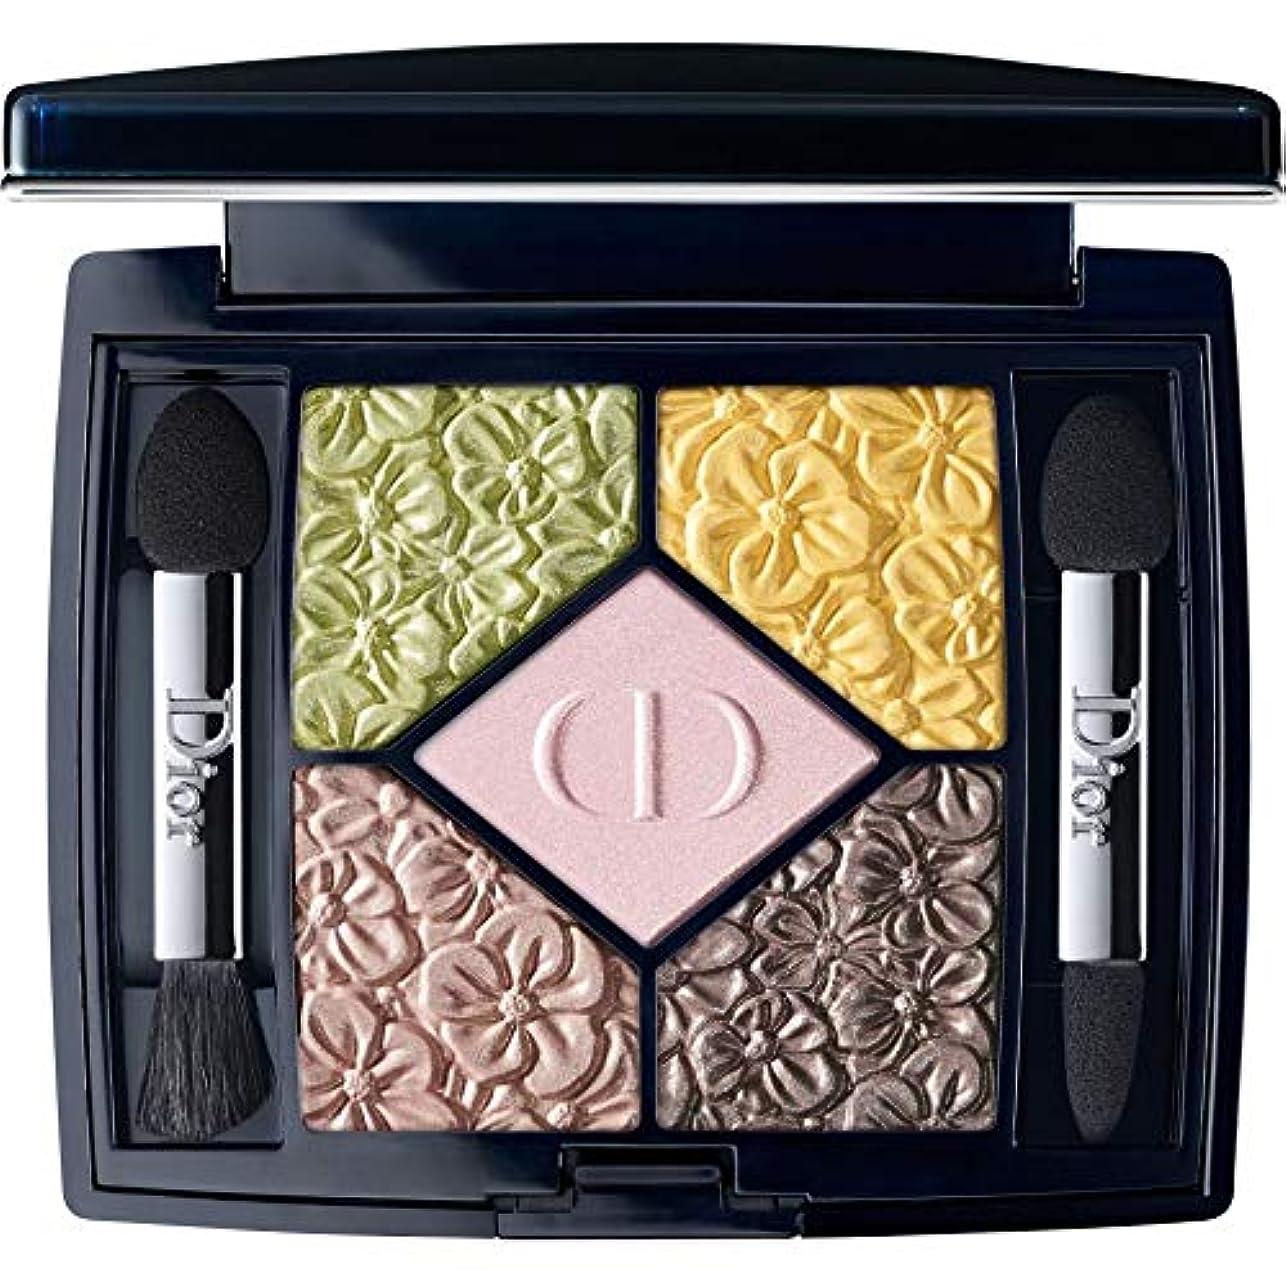 の仮定する用量[Dior ] ディオールの庭園版クチュールカラー&エフェクトアイシャドウパレット4.5グラム451を輝く5 Couleursは - バラ園 - DIOR 5 Couleurs Glowing Gardens Edition...